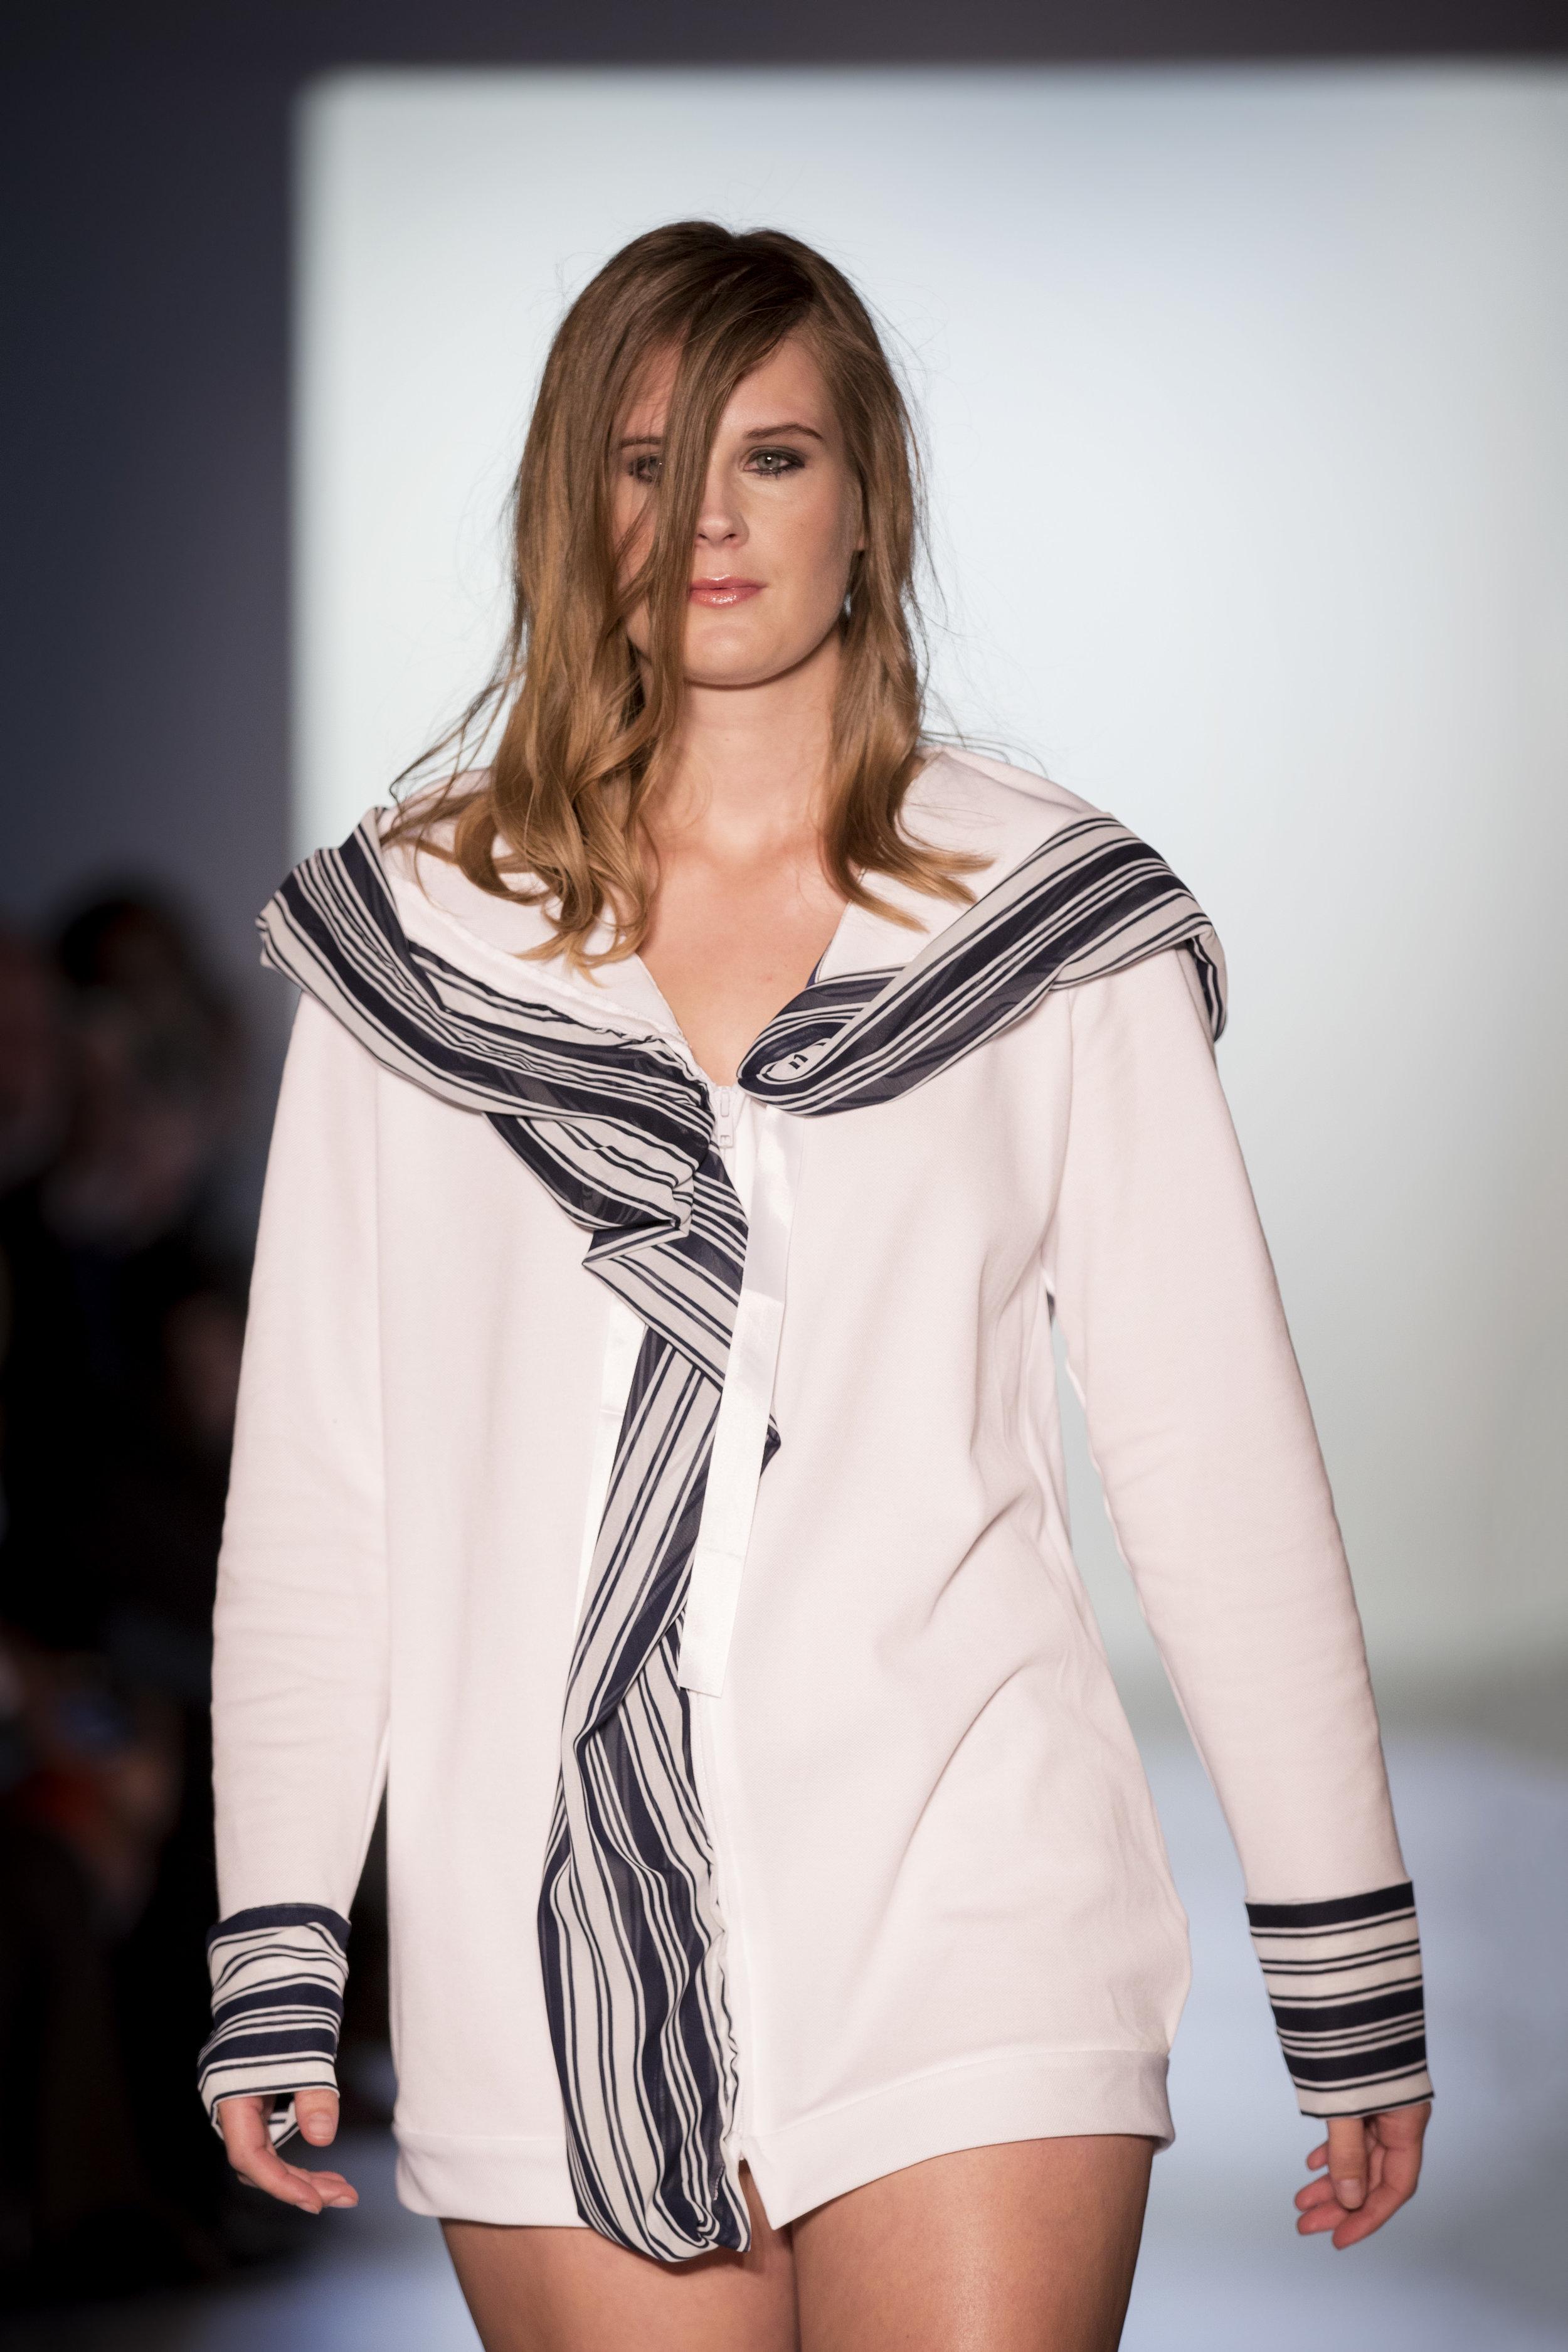 Massif Fashion Week 2017 Day 3 Stephanie Carlson - 007.jpg